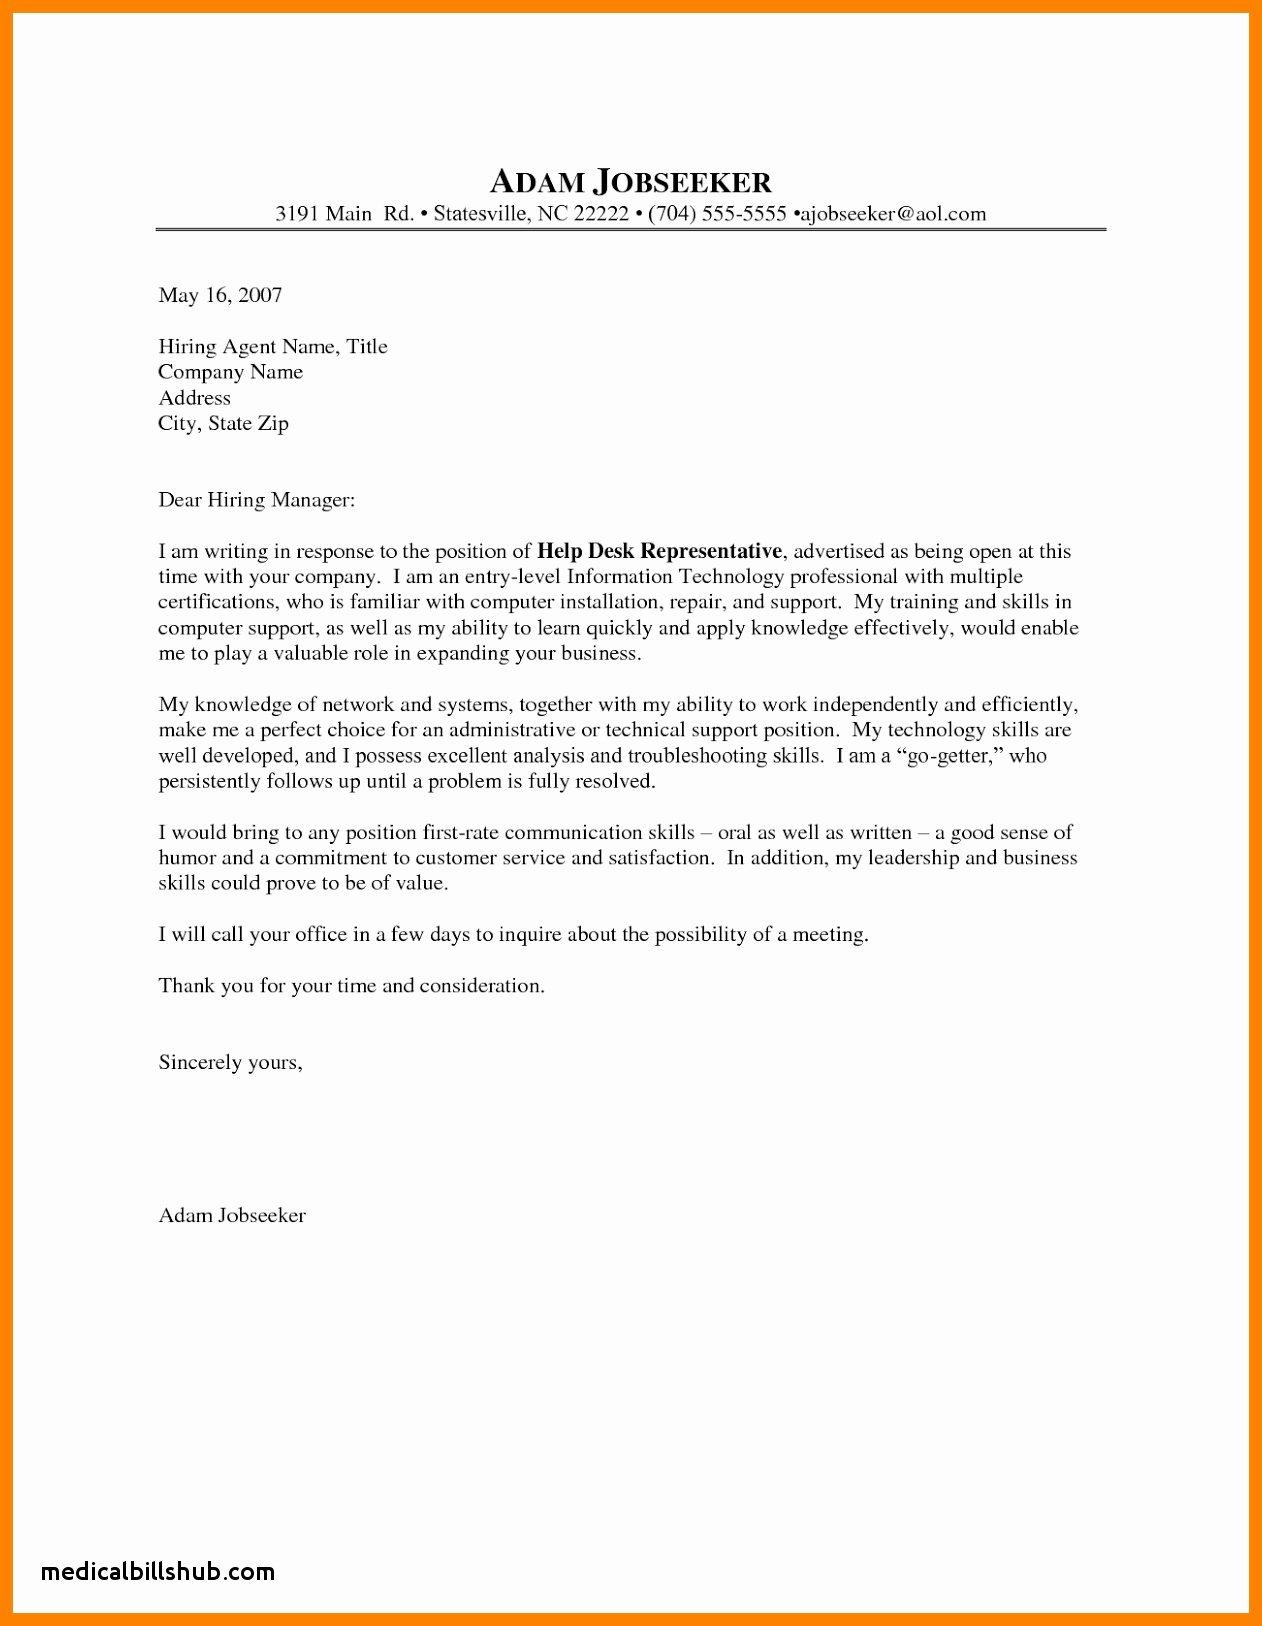 Sample Letter Re Mendation for Medical assistant Job